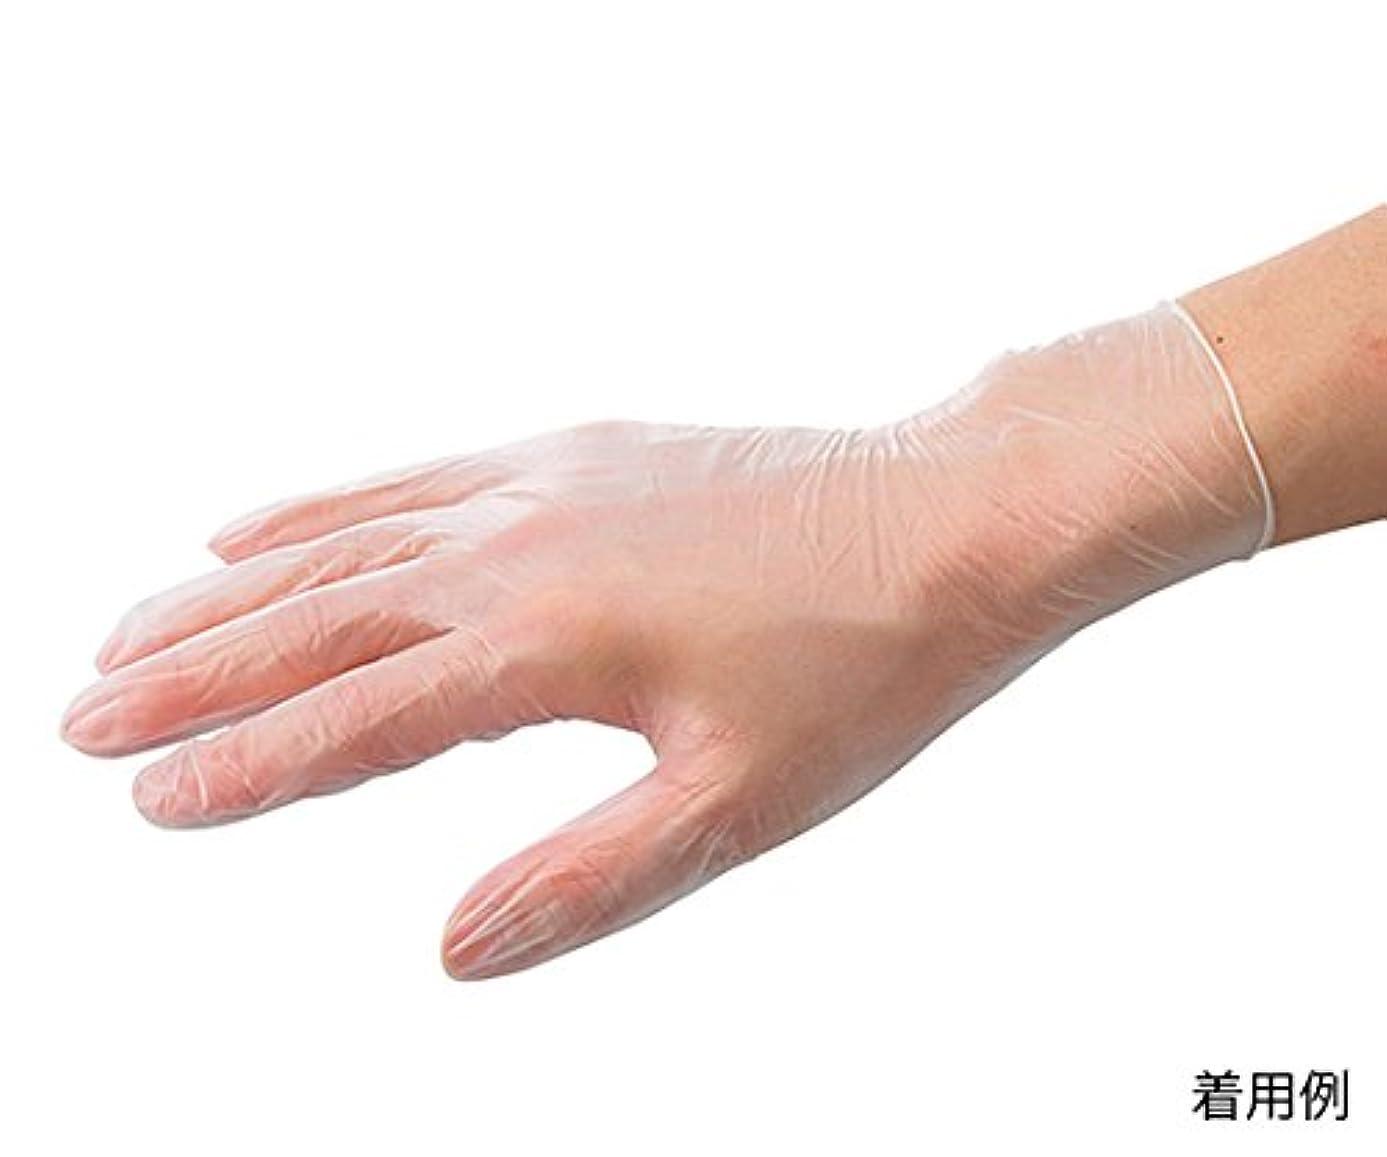 縮れた派生するハードリングARメディコム?インク?アジアリミテッド7-3727-01バイタルプラスチック手袋(パウダー付き)S150枚入